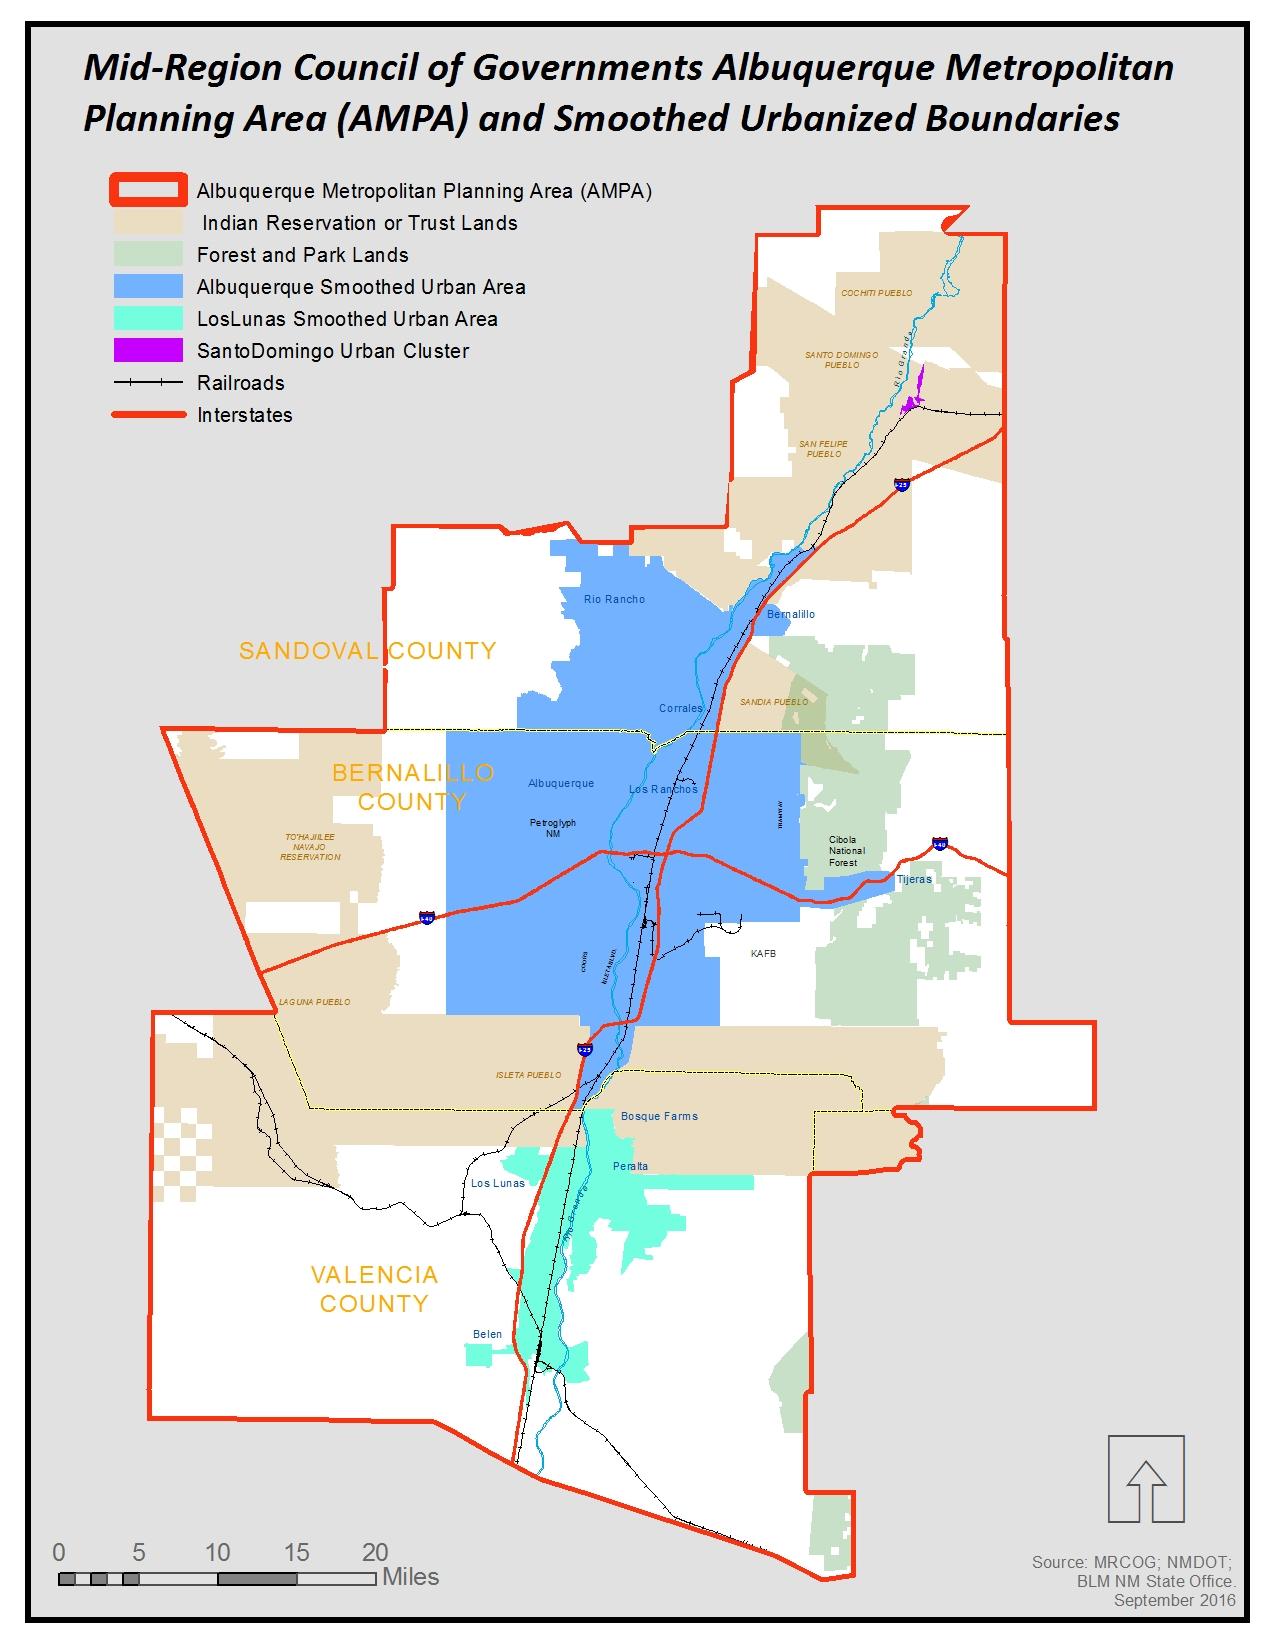 Albuquerque Metropolitan Planning Area (AMPA)